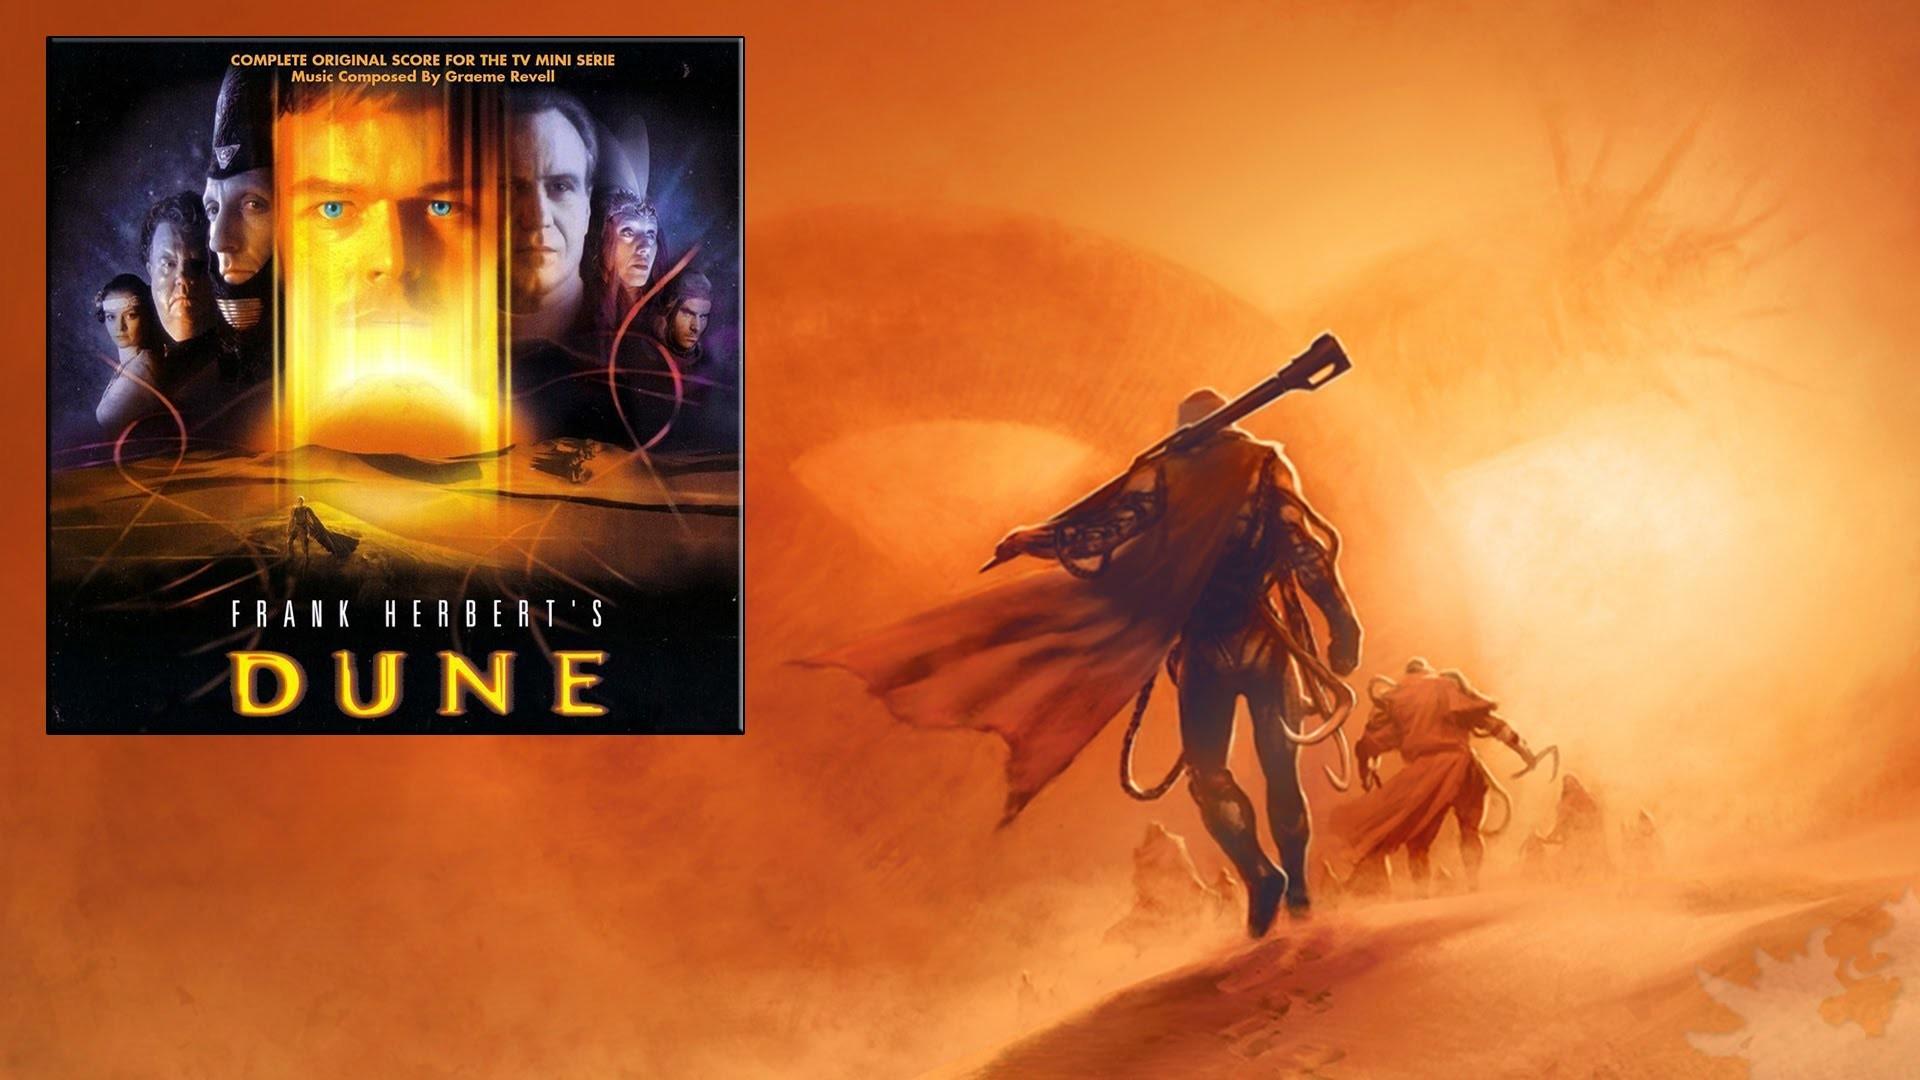 Frank Herbert's Dune – Complete Original Score For The TV Mini Serie